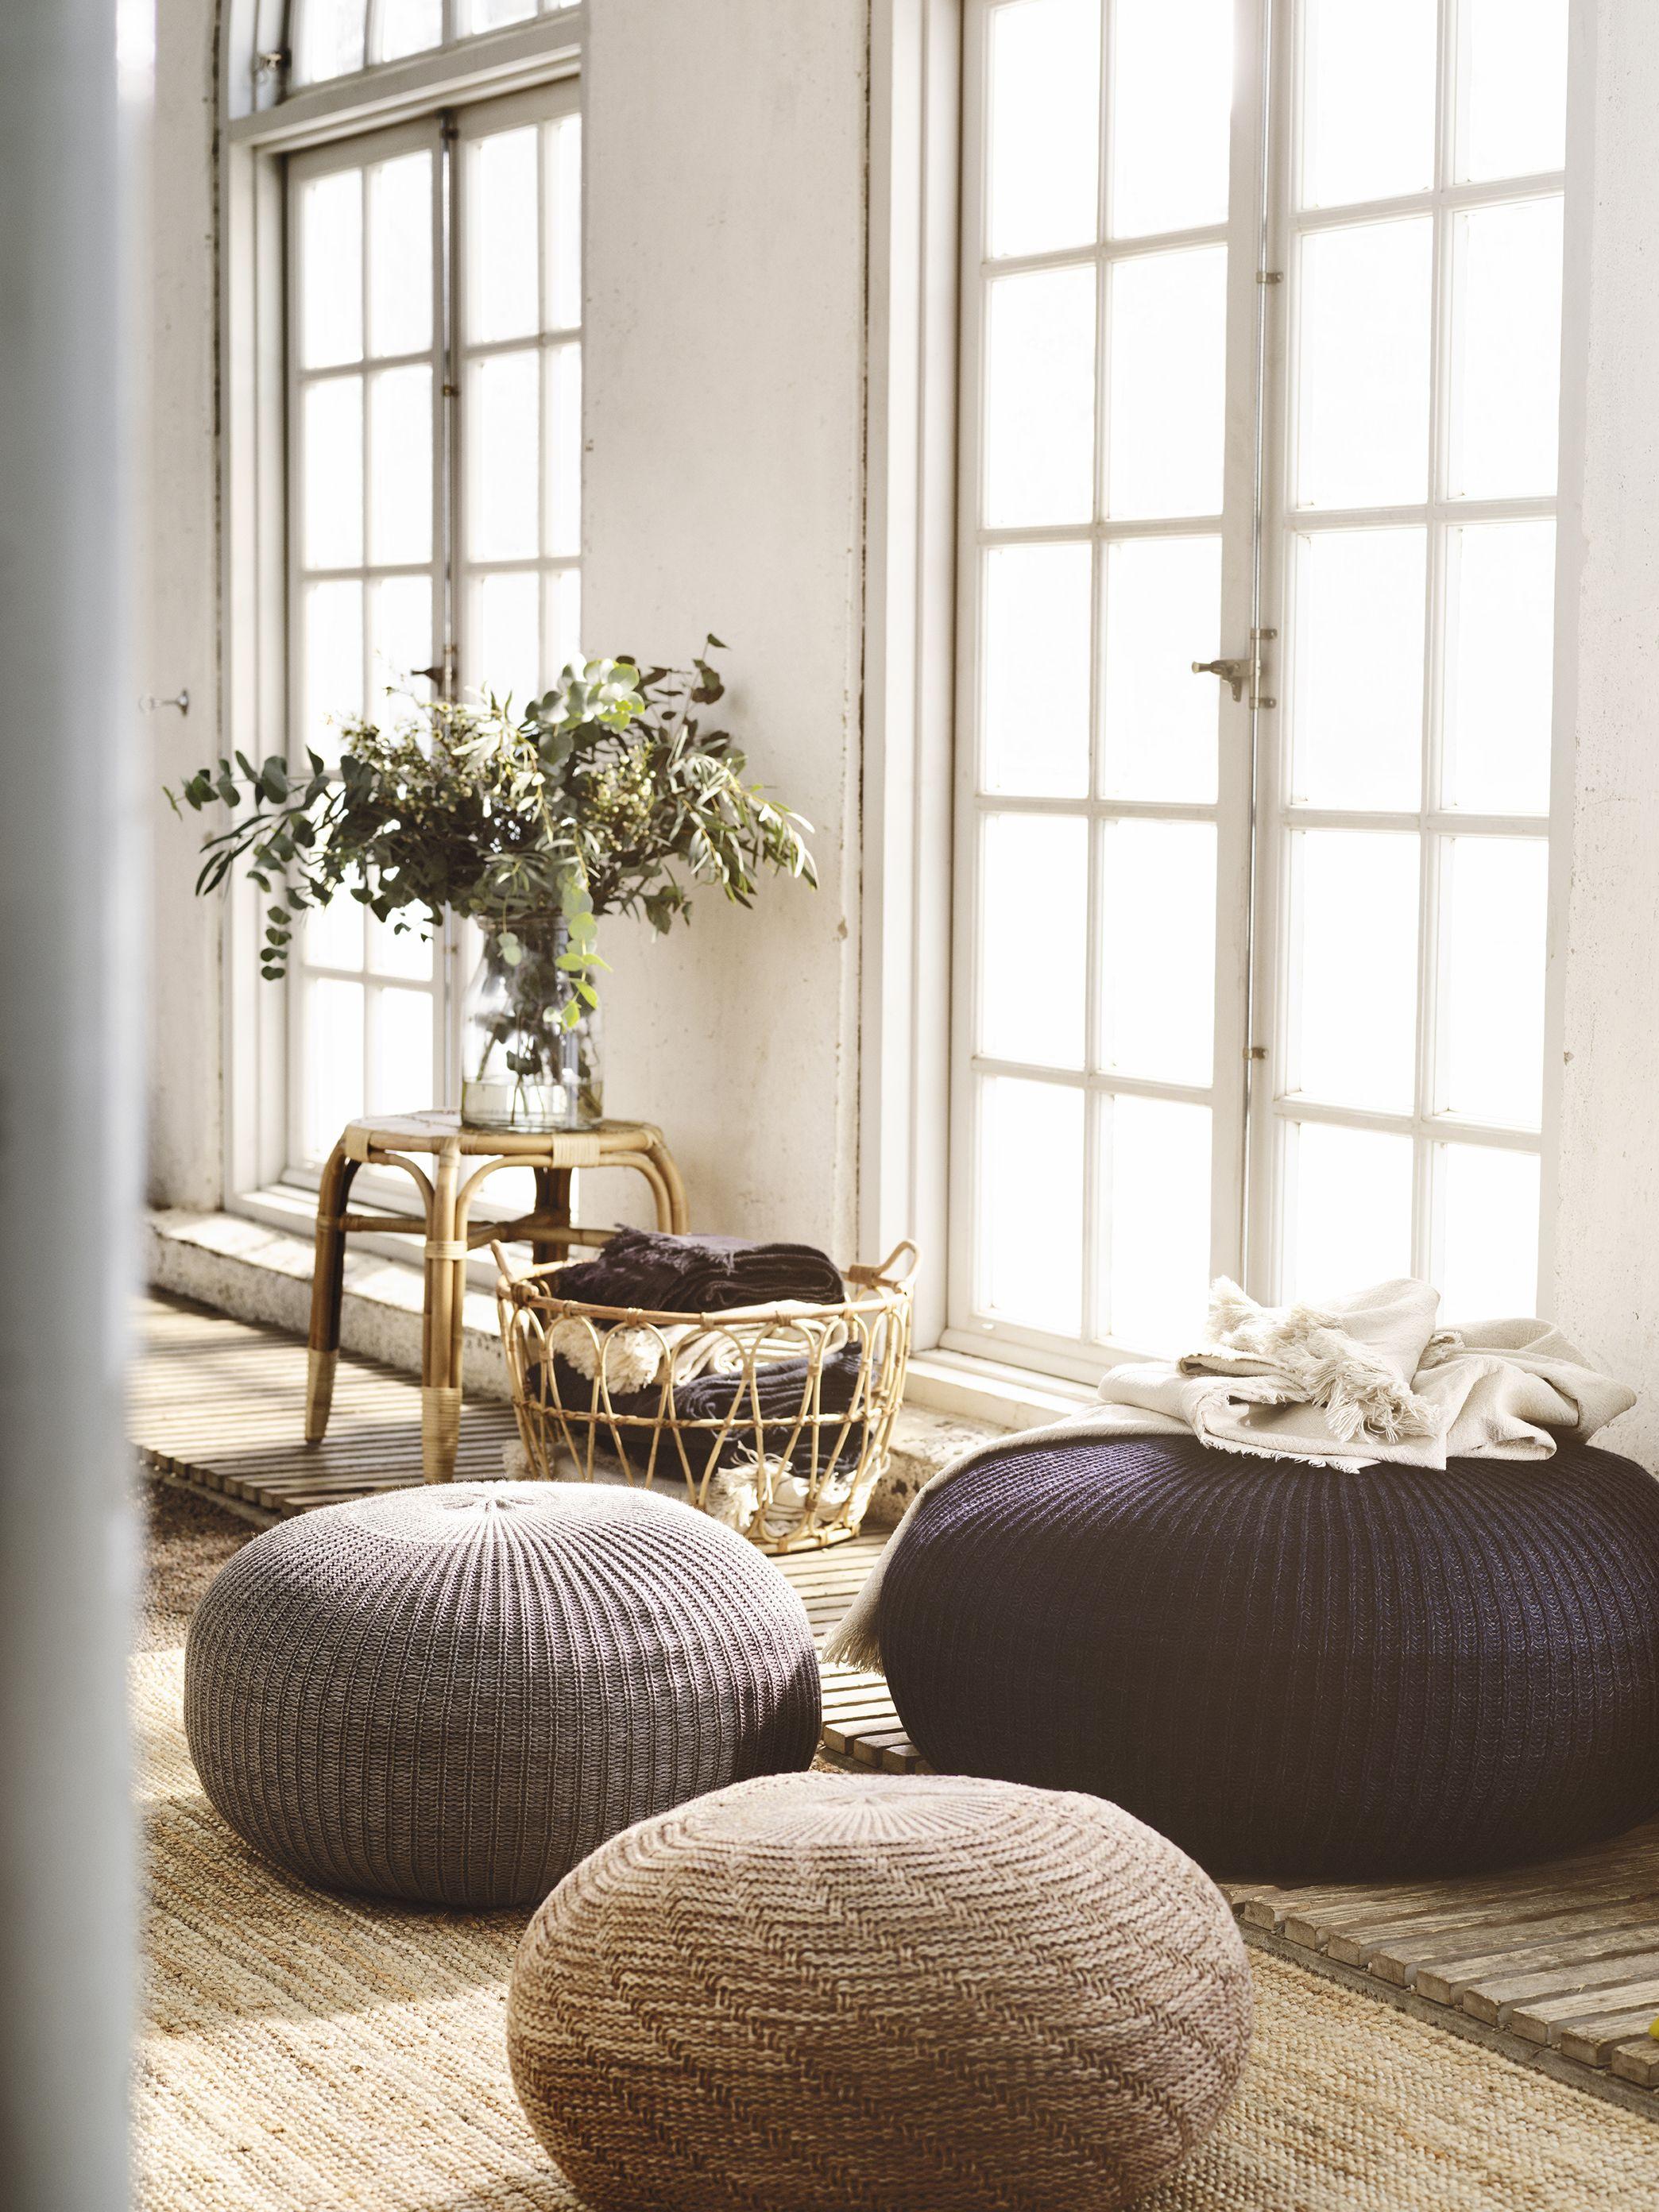 Summer Inspiration 2018 From Ikea  Pouffes